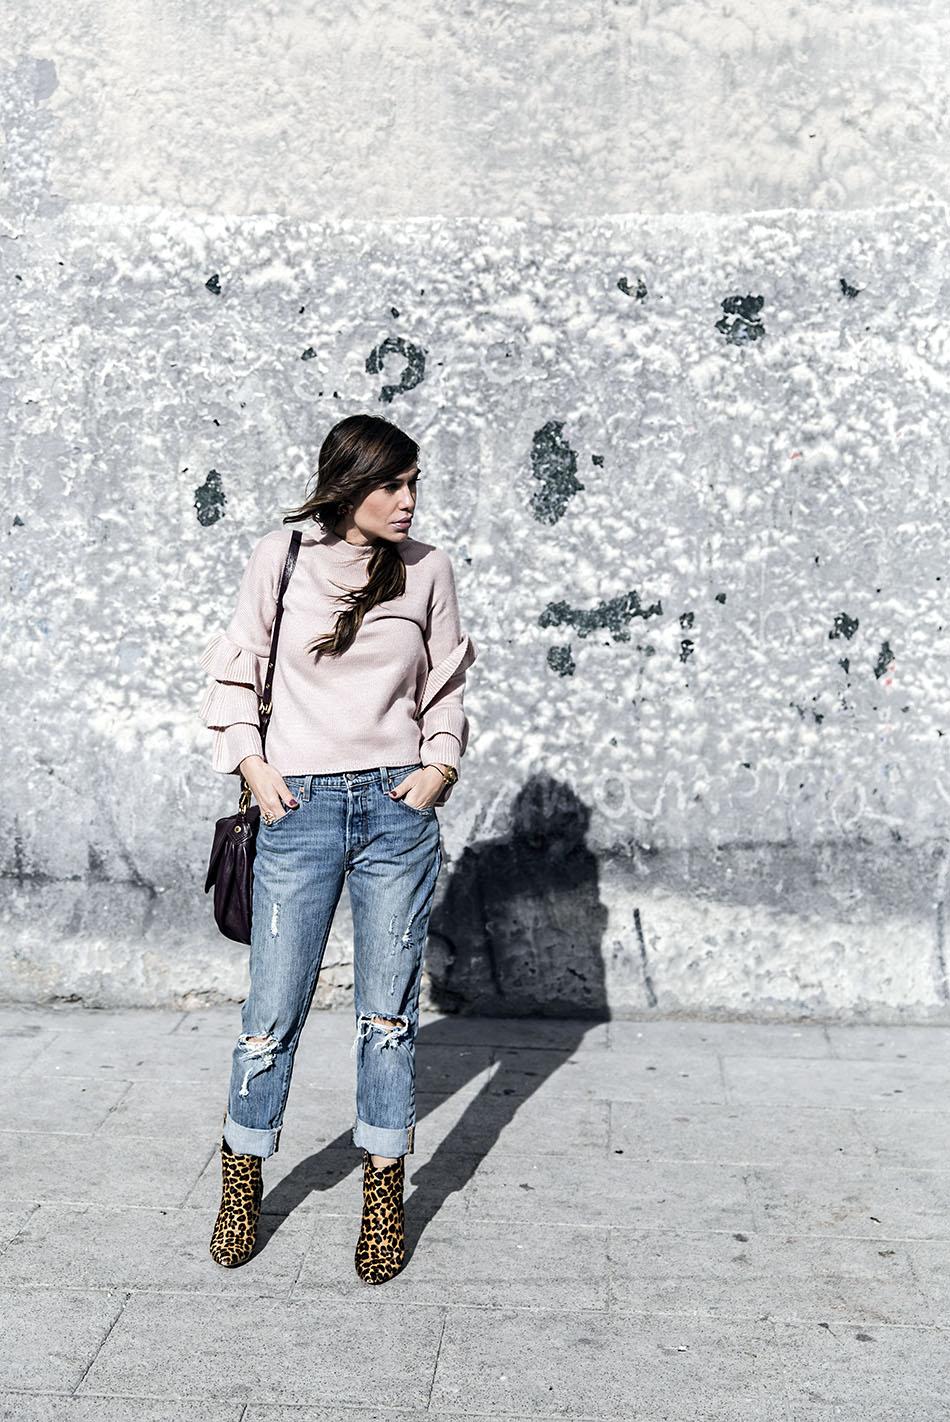 look de street style con jersey rosa con volantes en las mangas, relaxed jeans, botines con estampado animal print, bolso de marc jacobs y reloj michael kors